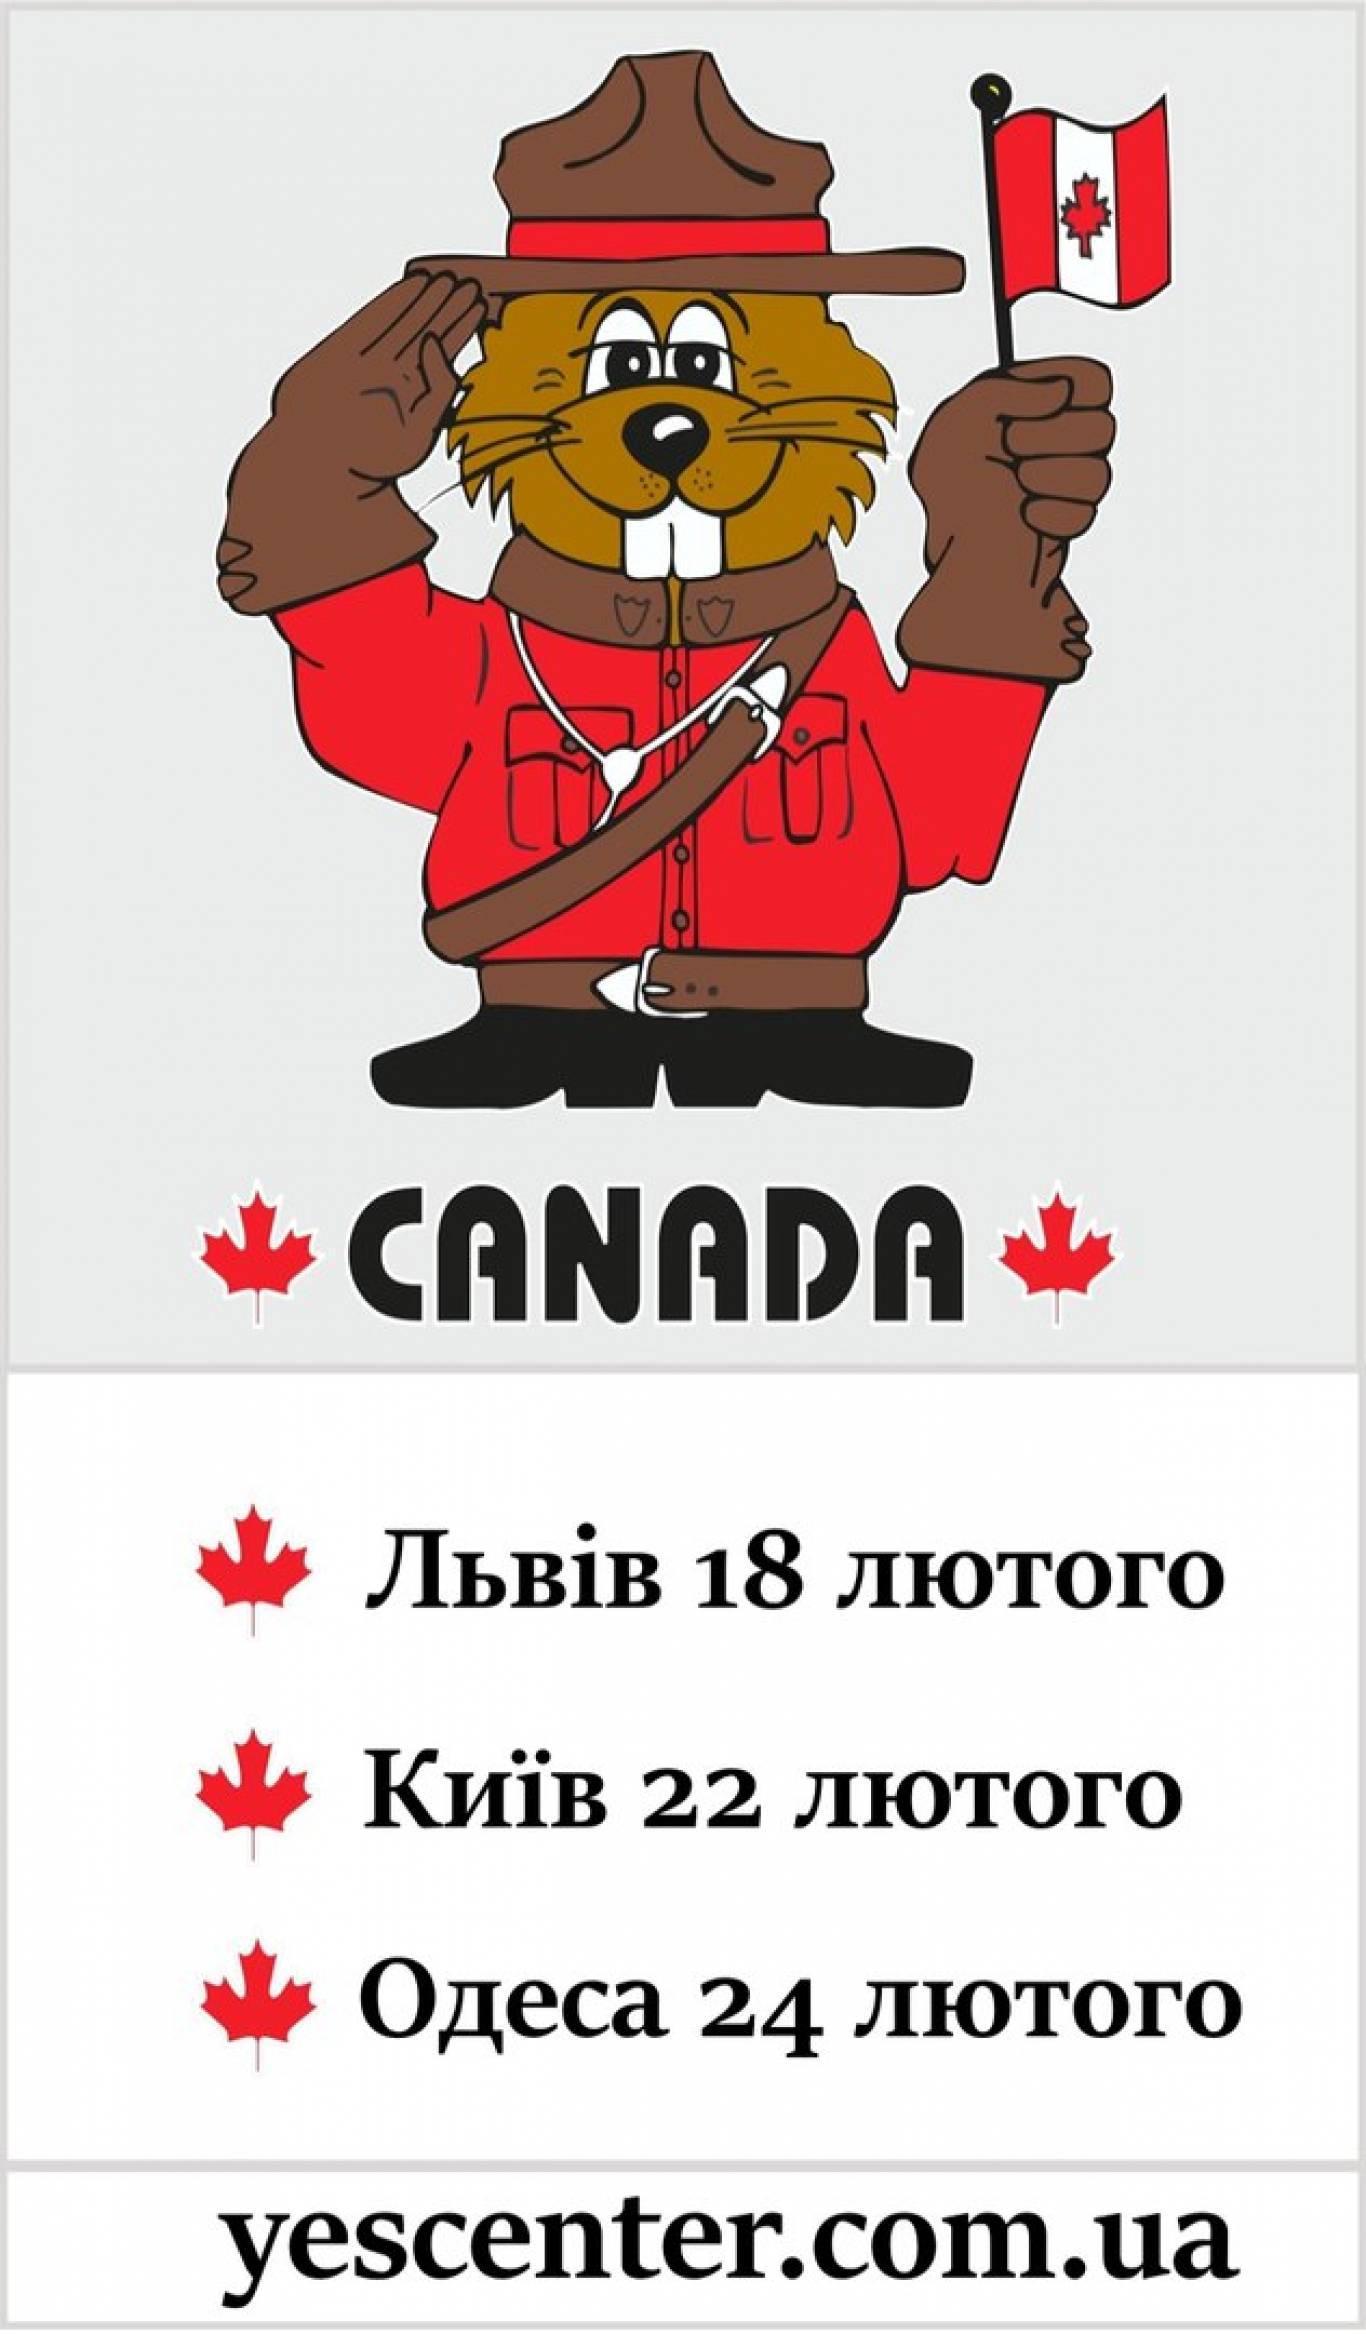 """Безкоштовний семінар """"Освіта, робота та ПМЖ в Канаді"""""""